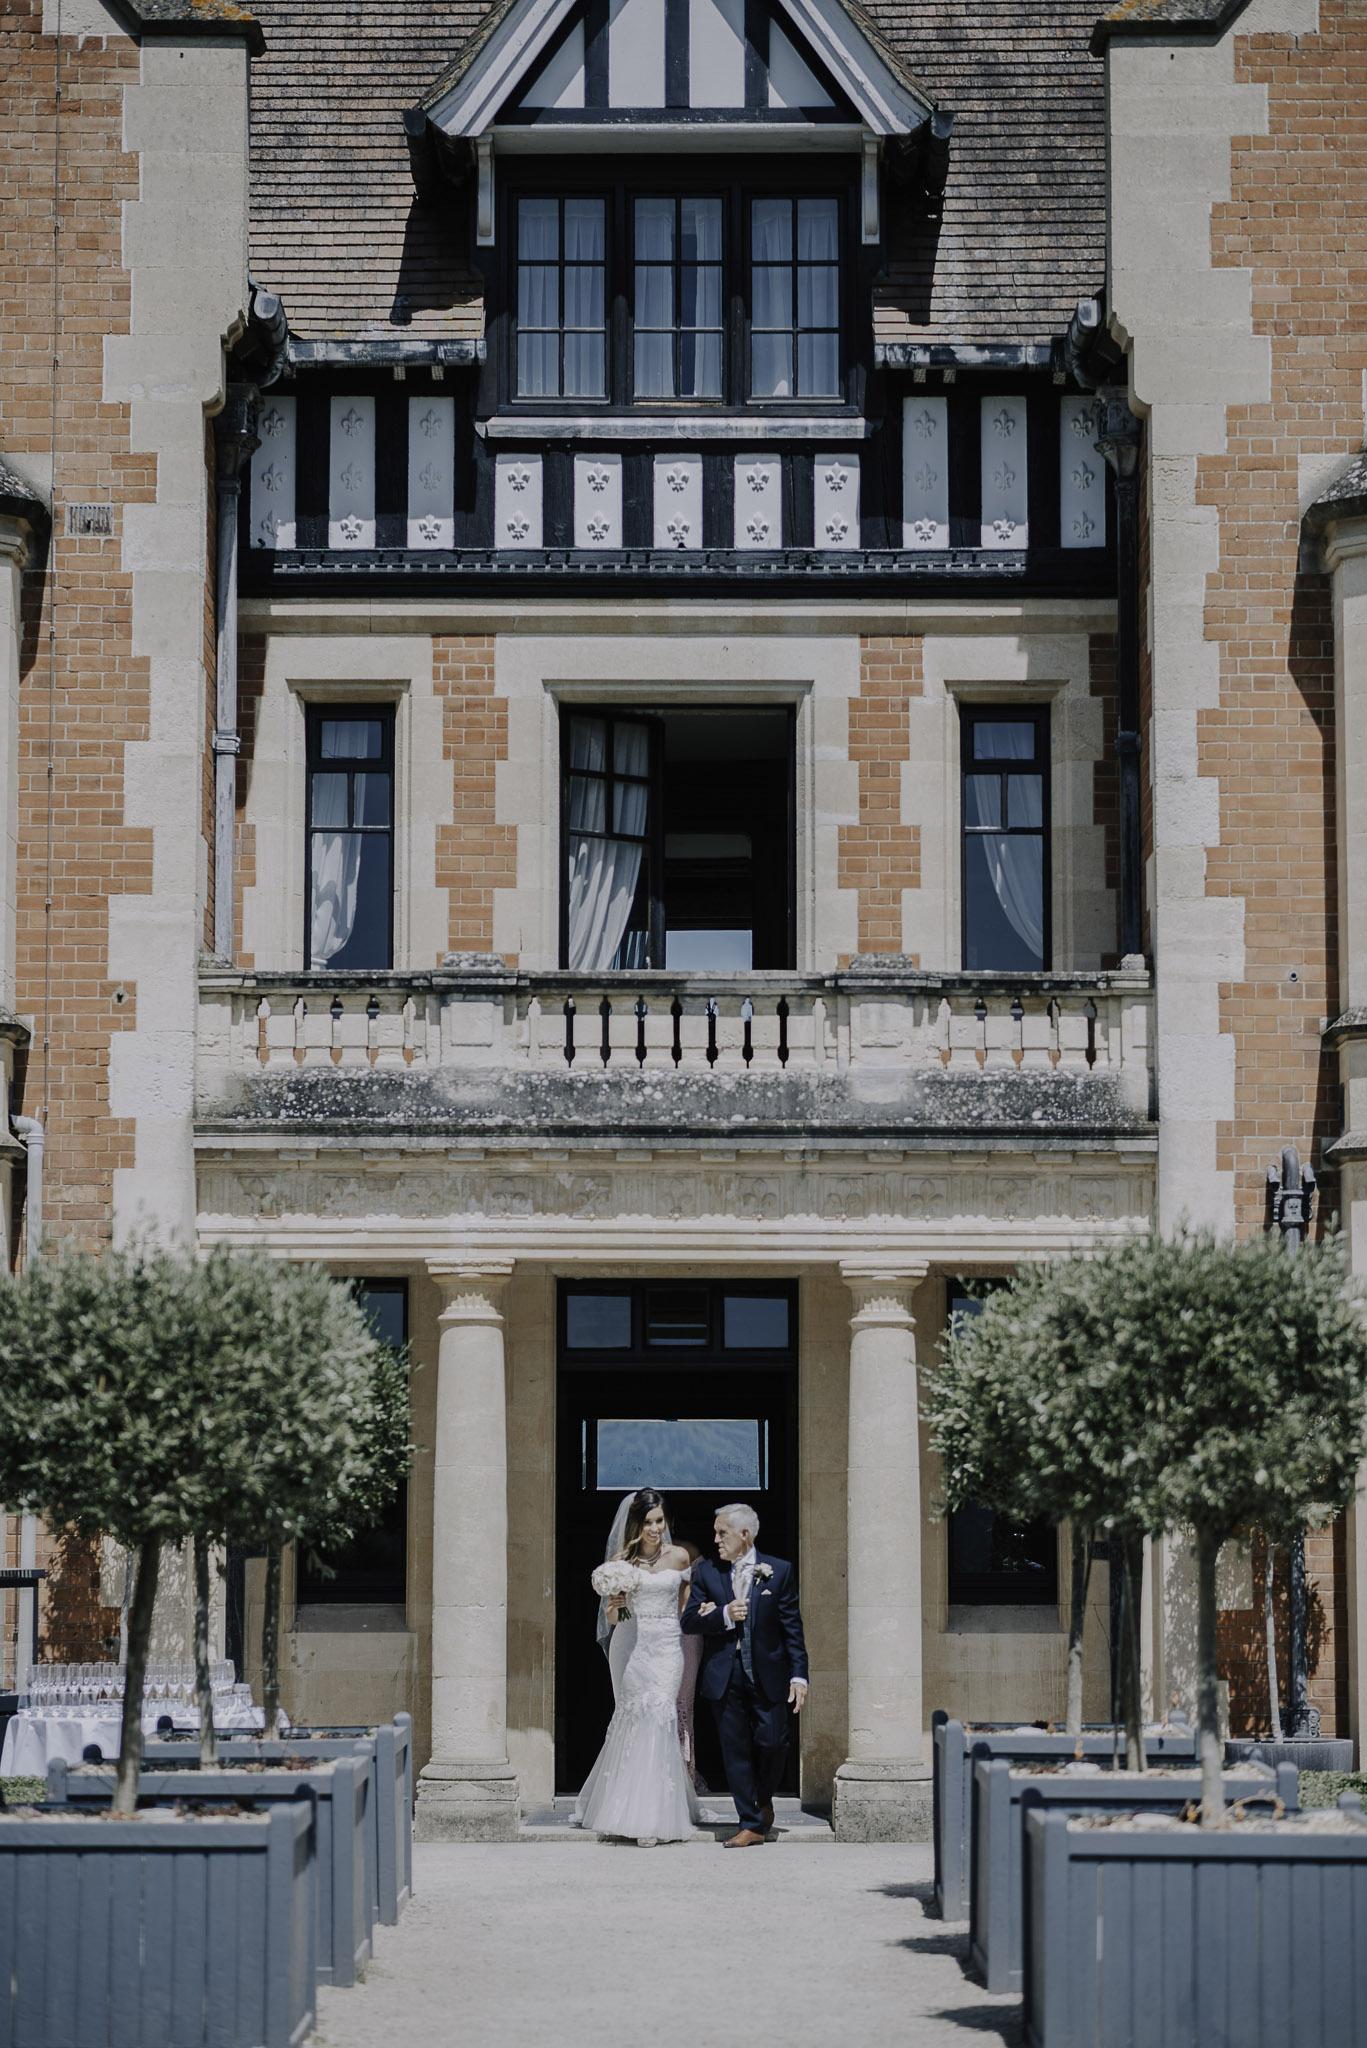 scott-stockwell-wedding-photographer-wood-norton-evesham146.jpg